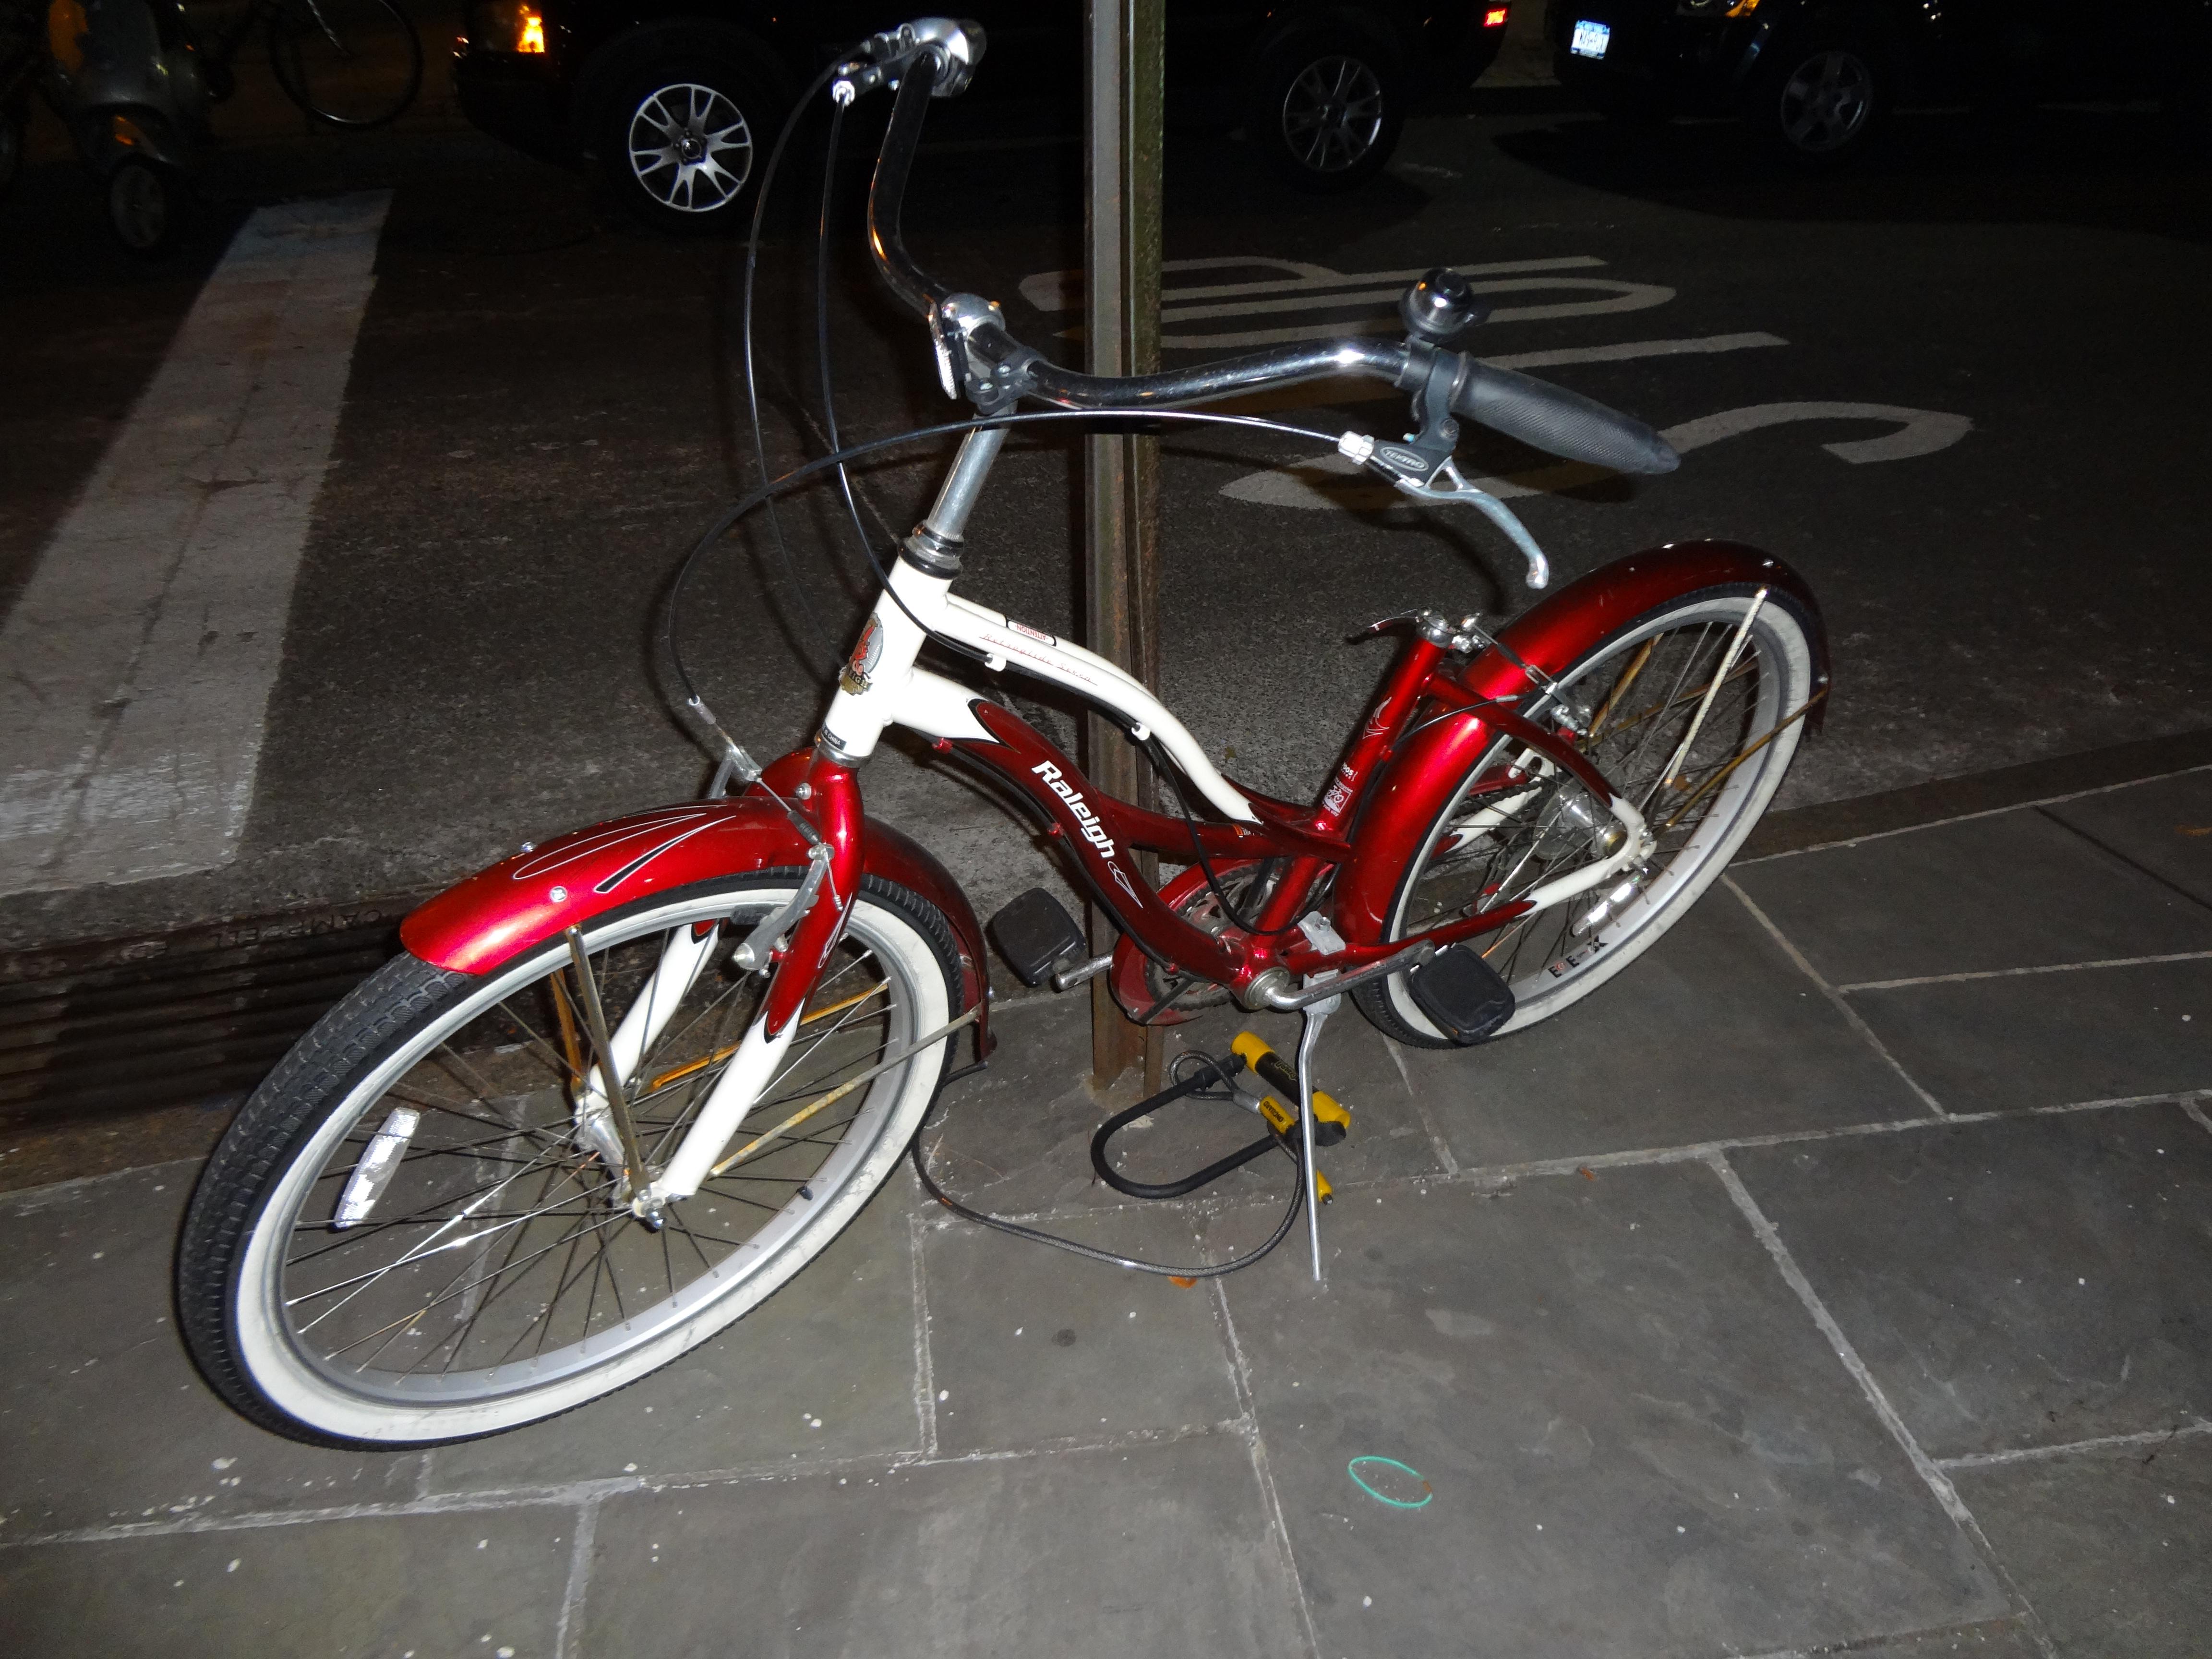 Bike remaining